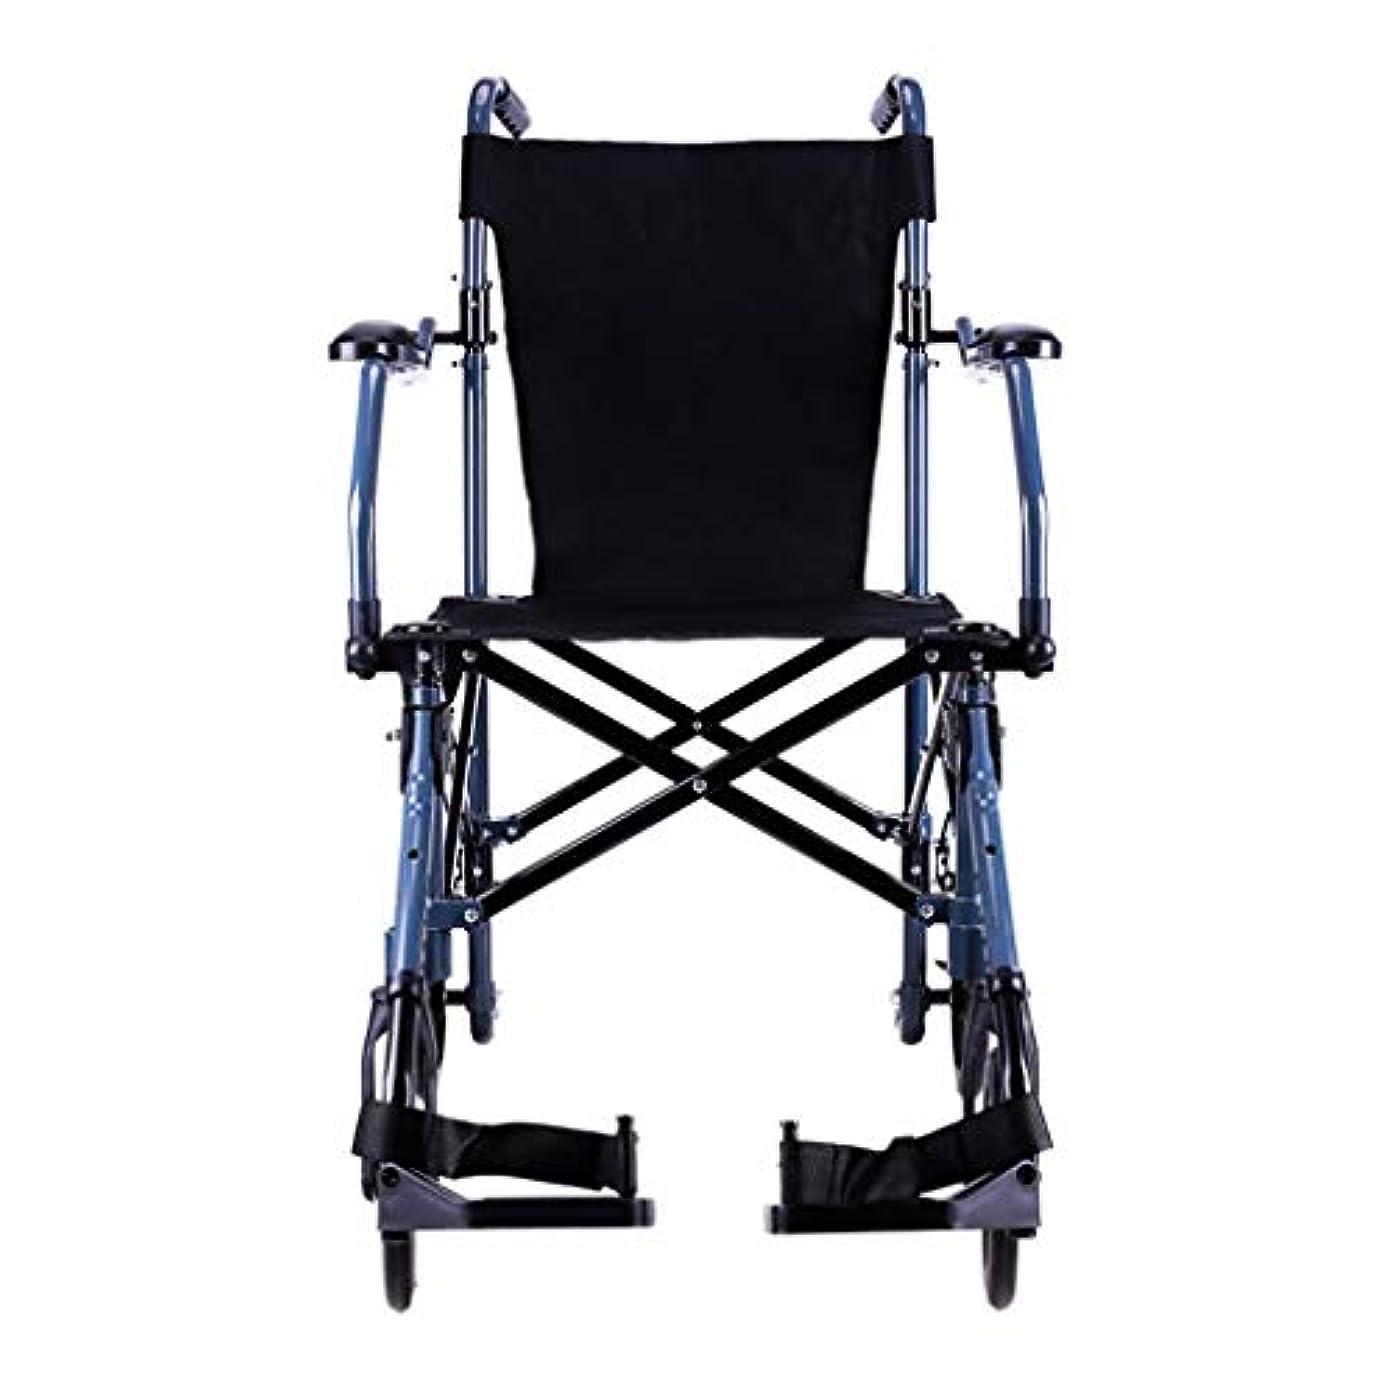 ジャズ擬人克服する車椅子折りたたみポータブル旅行、高齢者、身体障害者用屋外旅行車椅子、スーツケース、飛行機などに設置可能